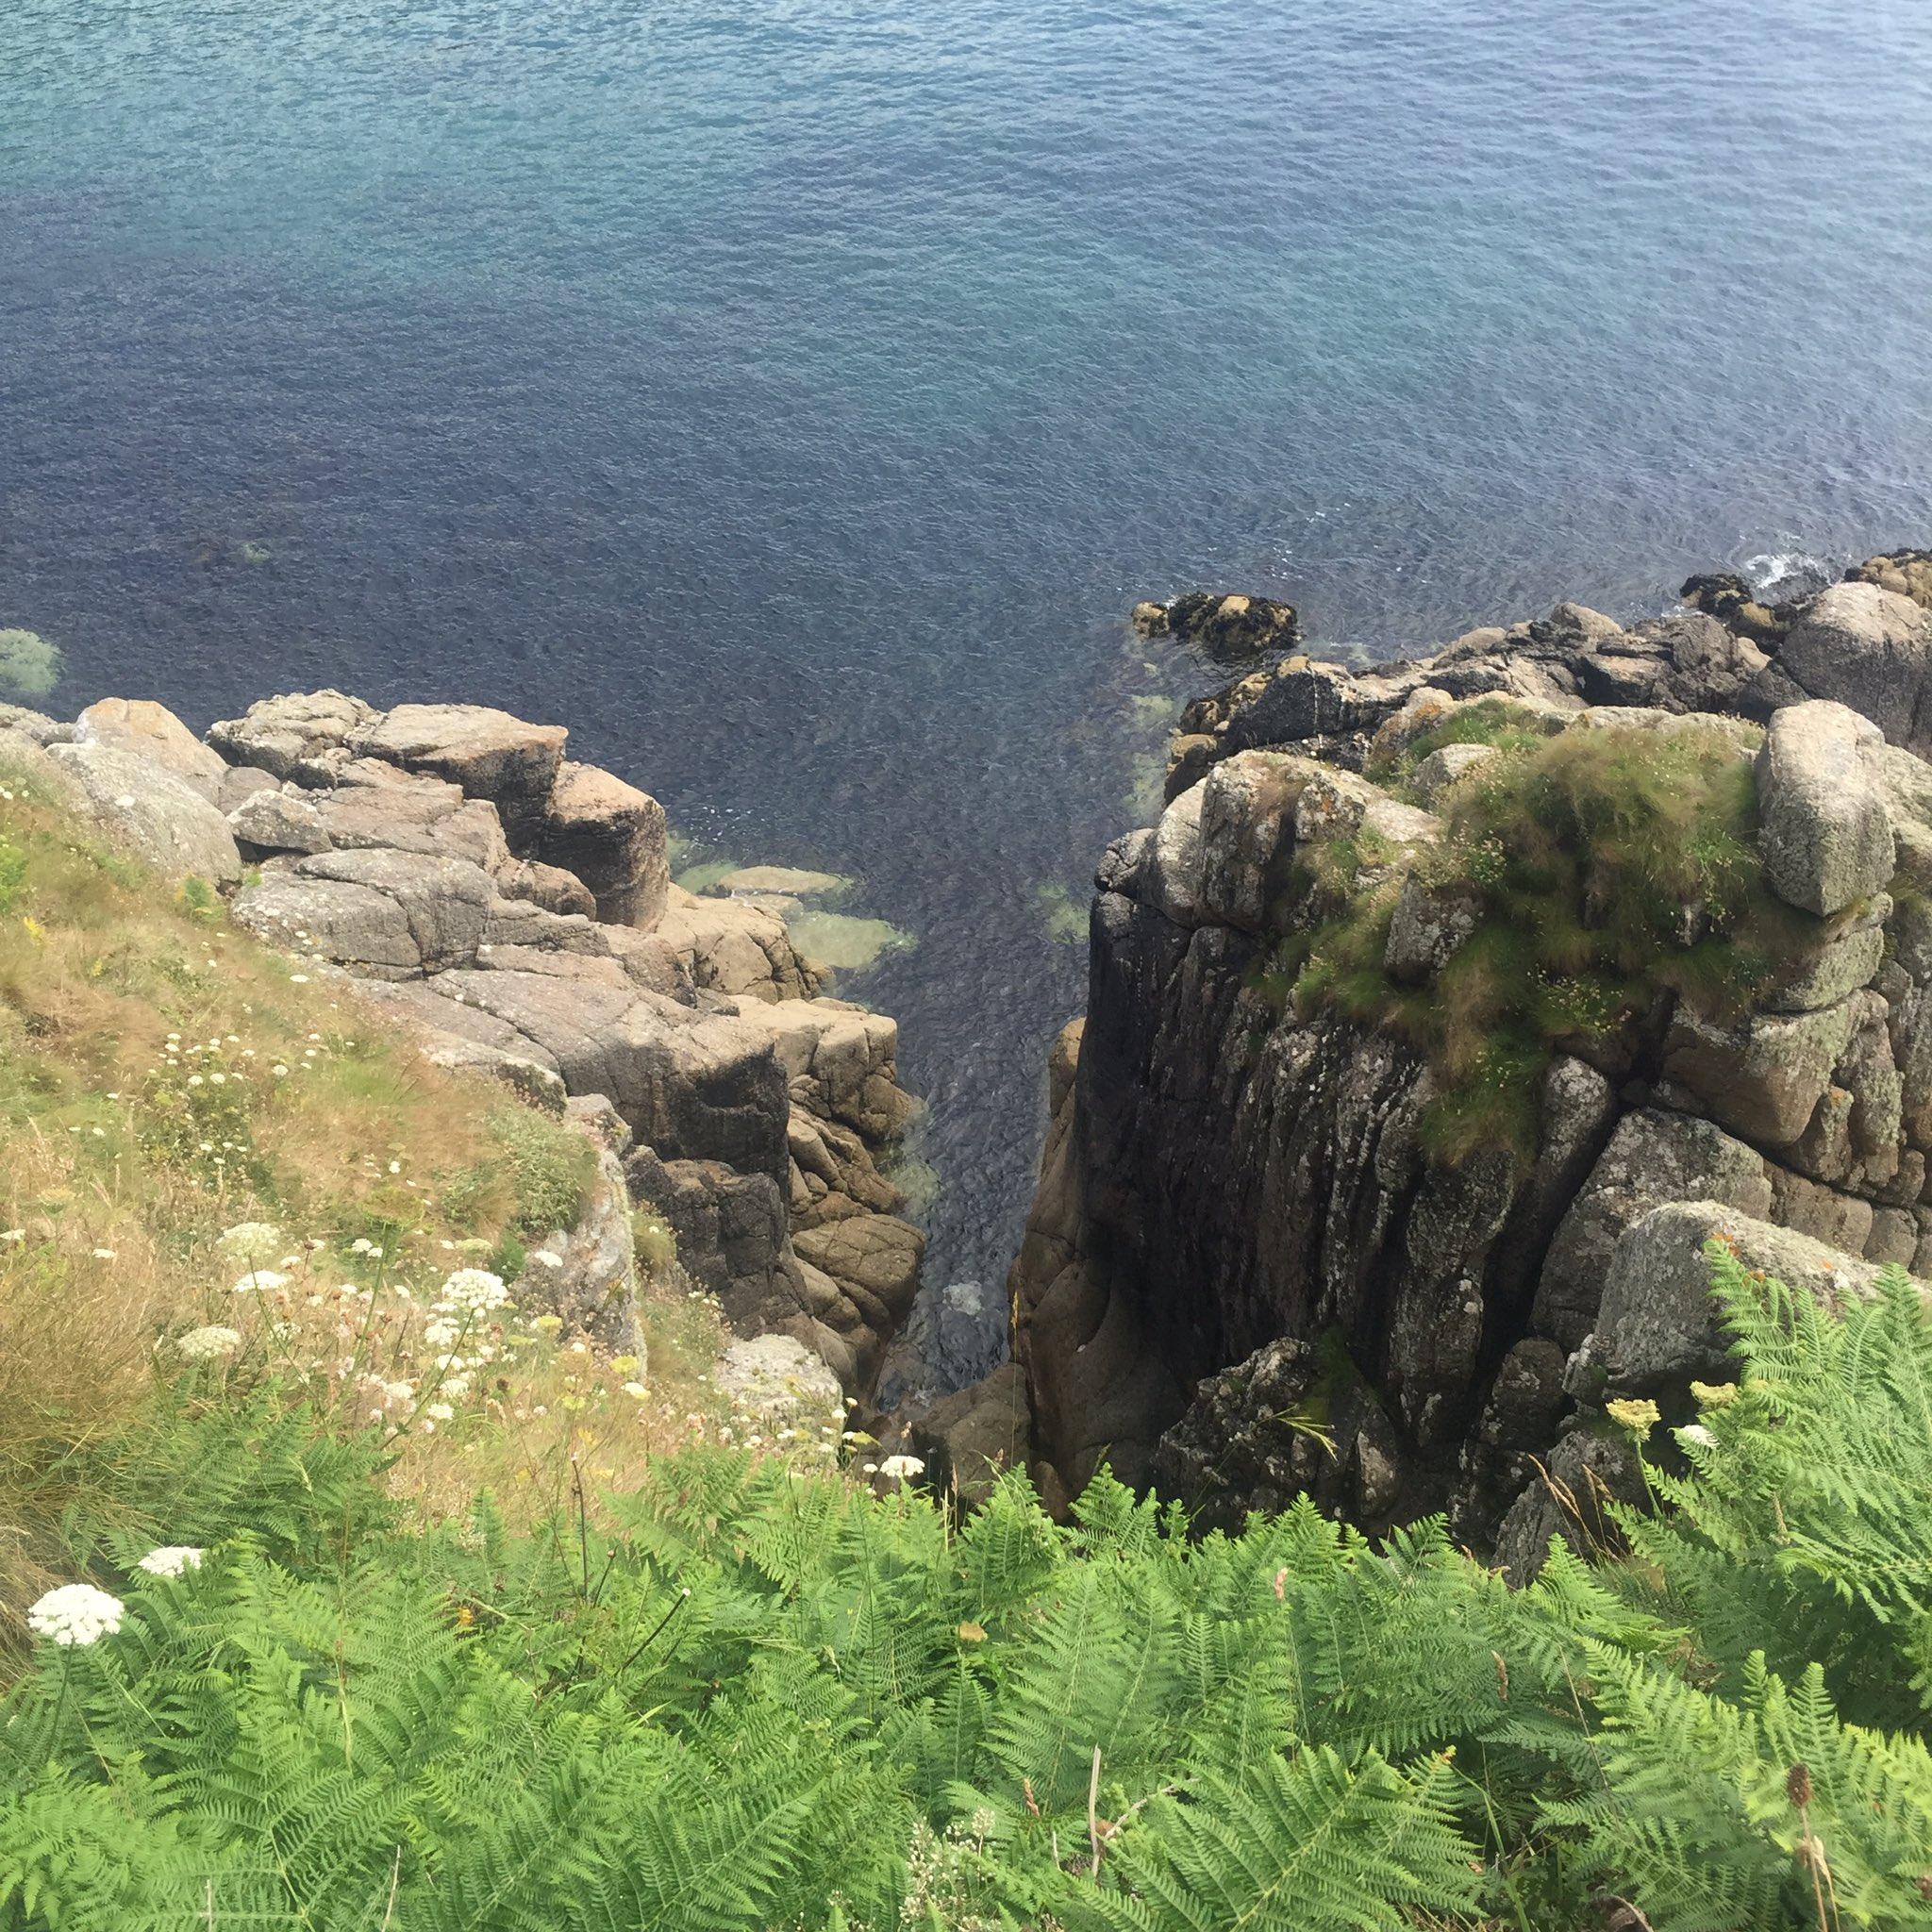 Thank you stunning Cornwall for a brilliant few days walking the coastal path #13milesaday x https://t.co/fJ1emiYnU3